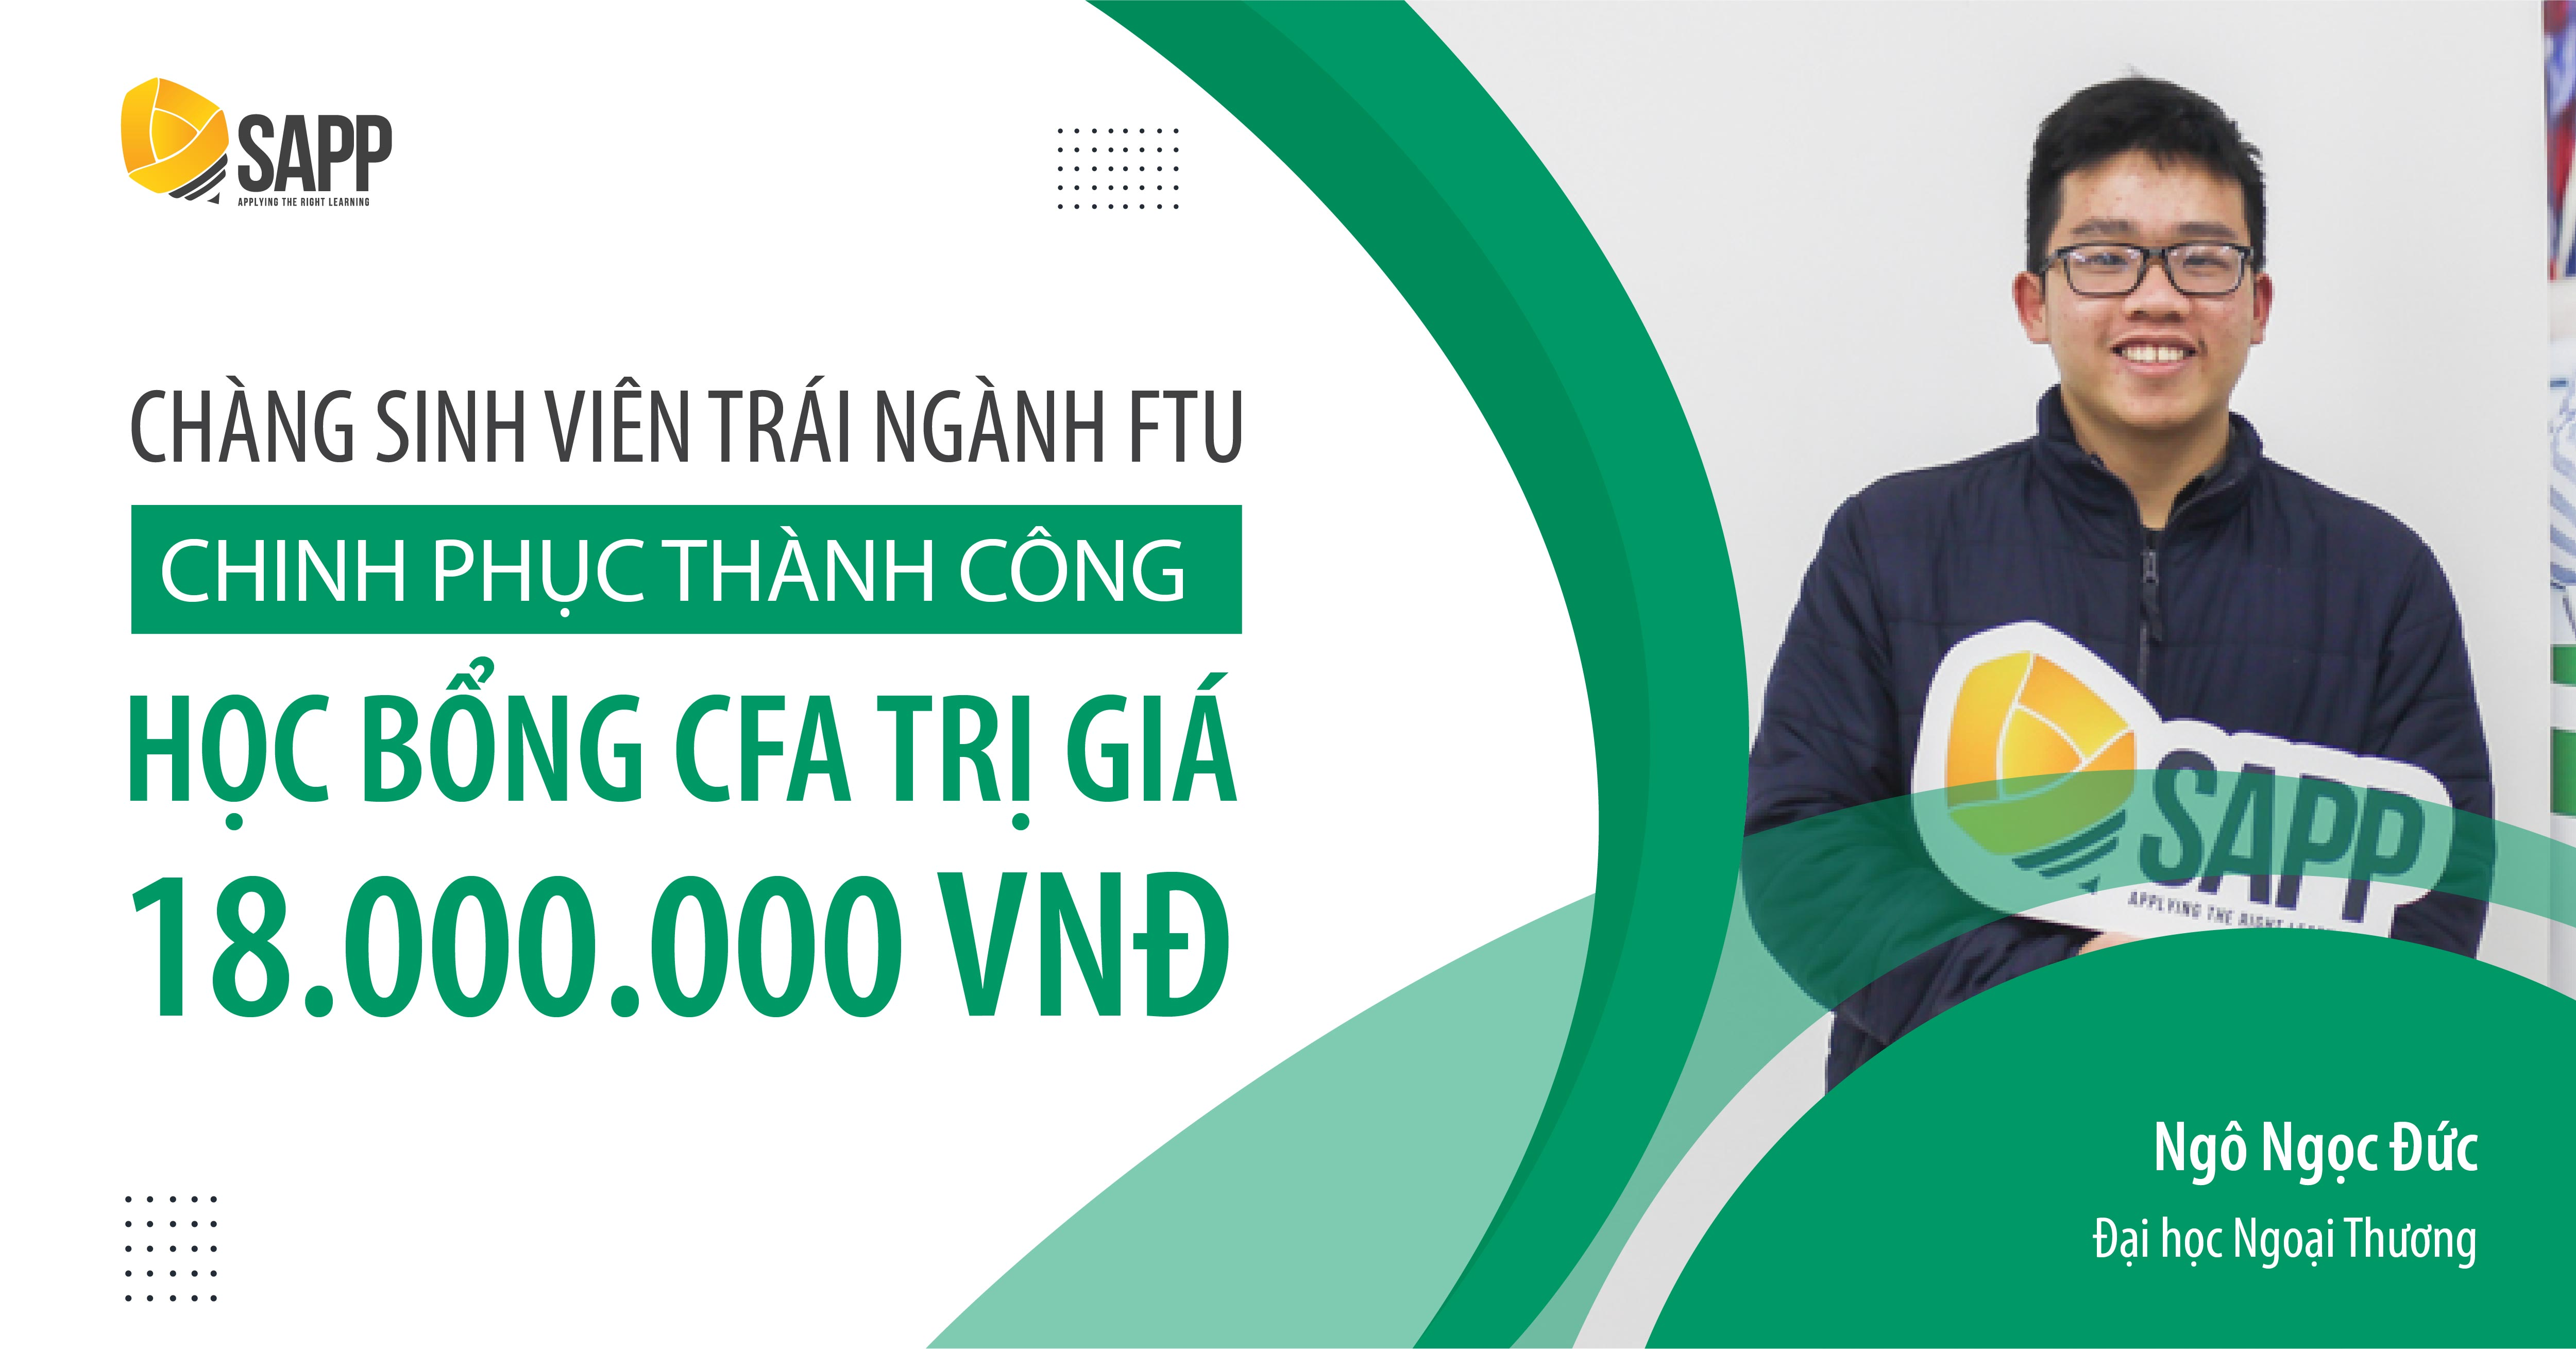 Chàng sinh viên trái ngành FTU chinh phục thành công học bổng CFA trị giá 18.000.000 VNĐ